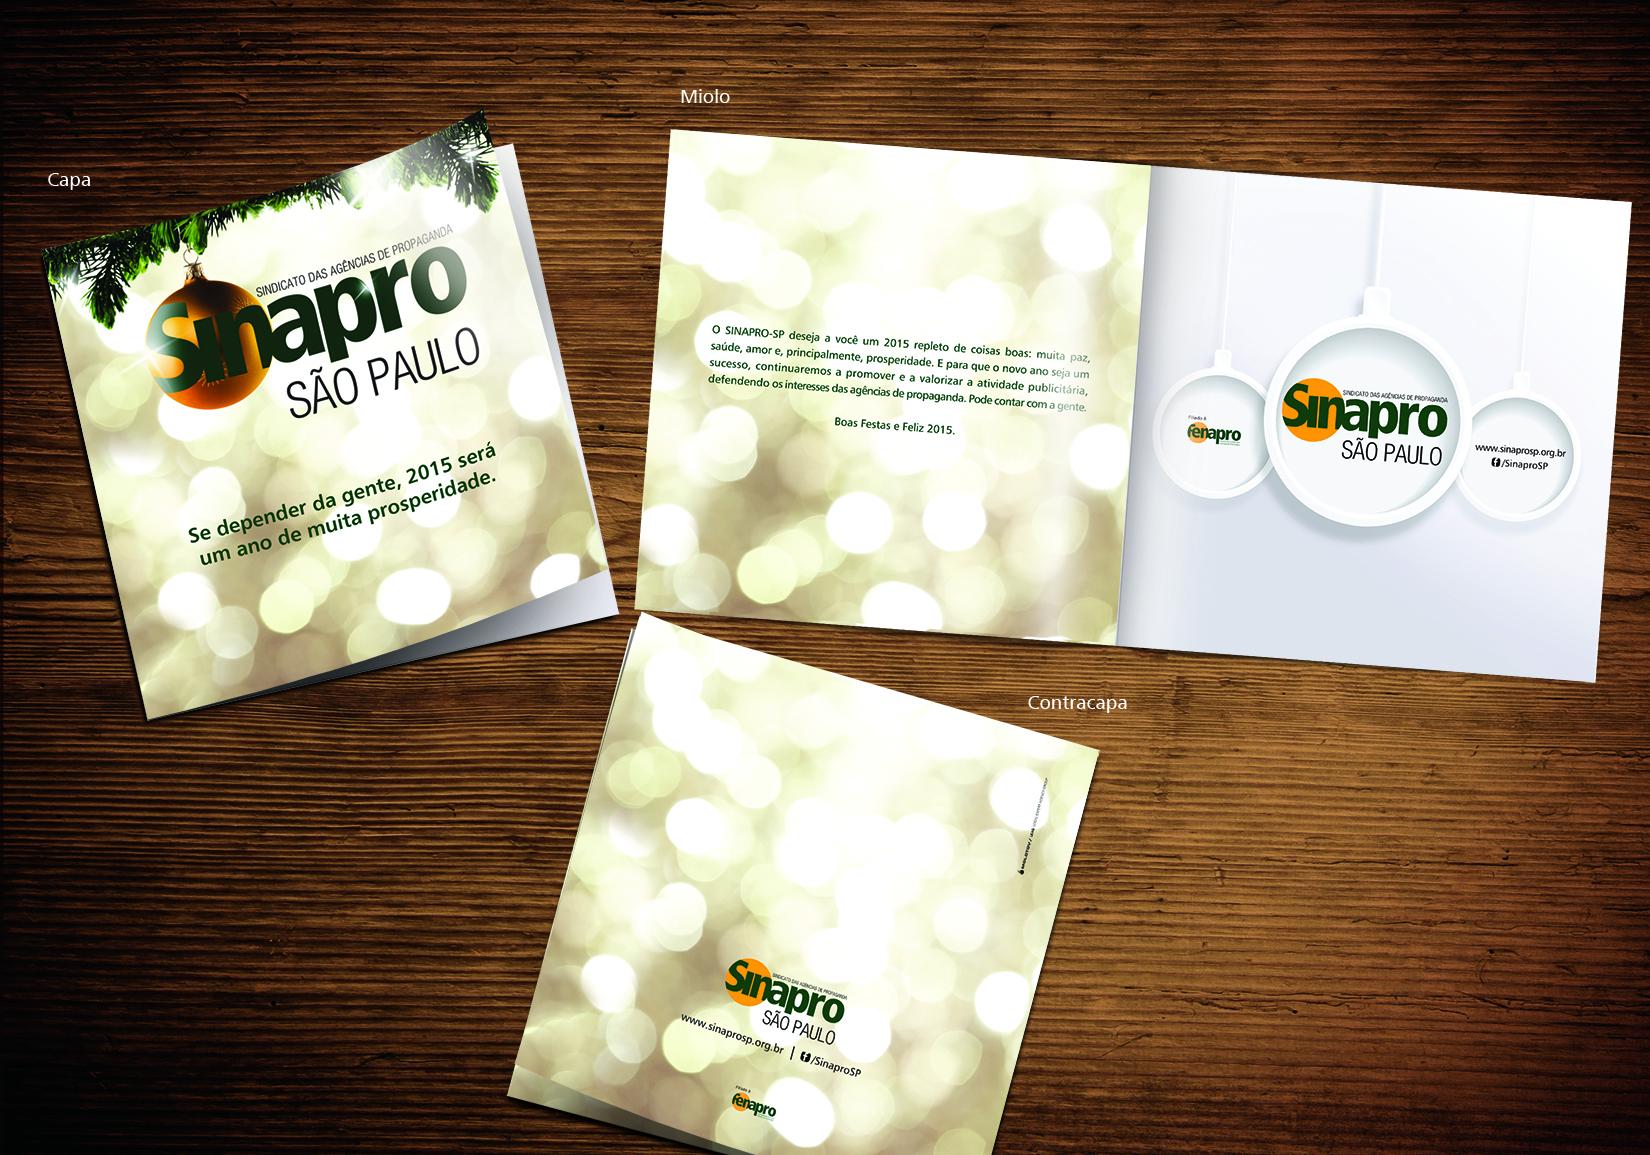 simulacao_cartao Sinapro